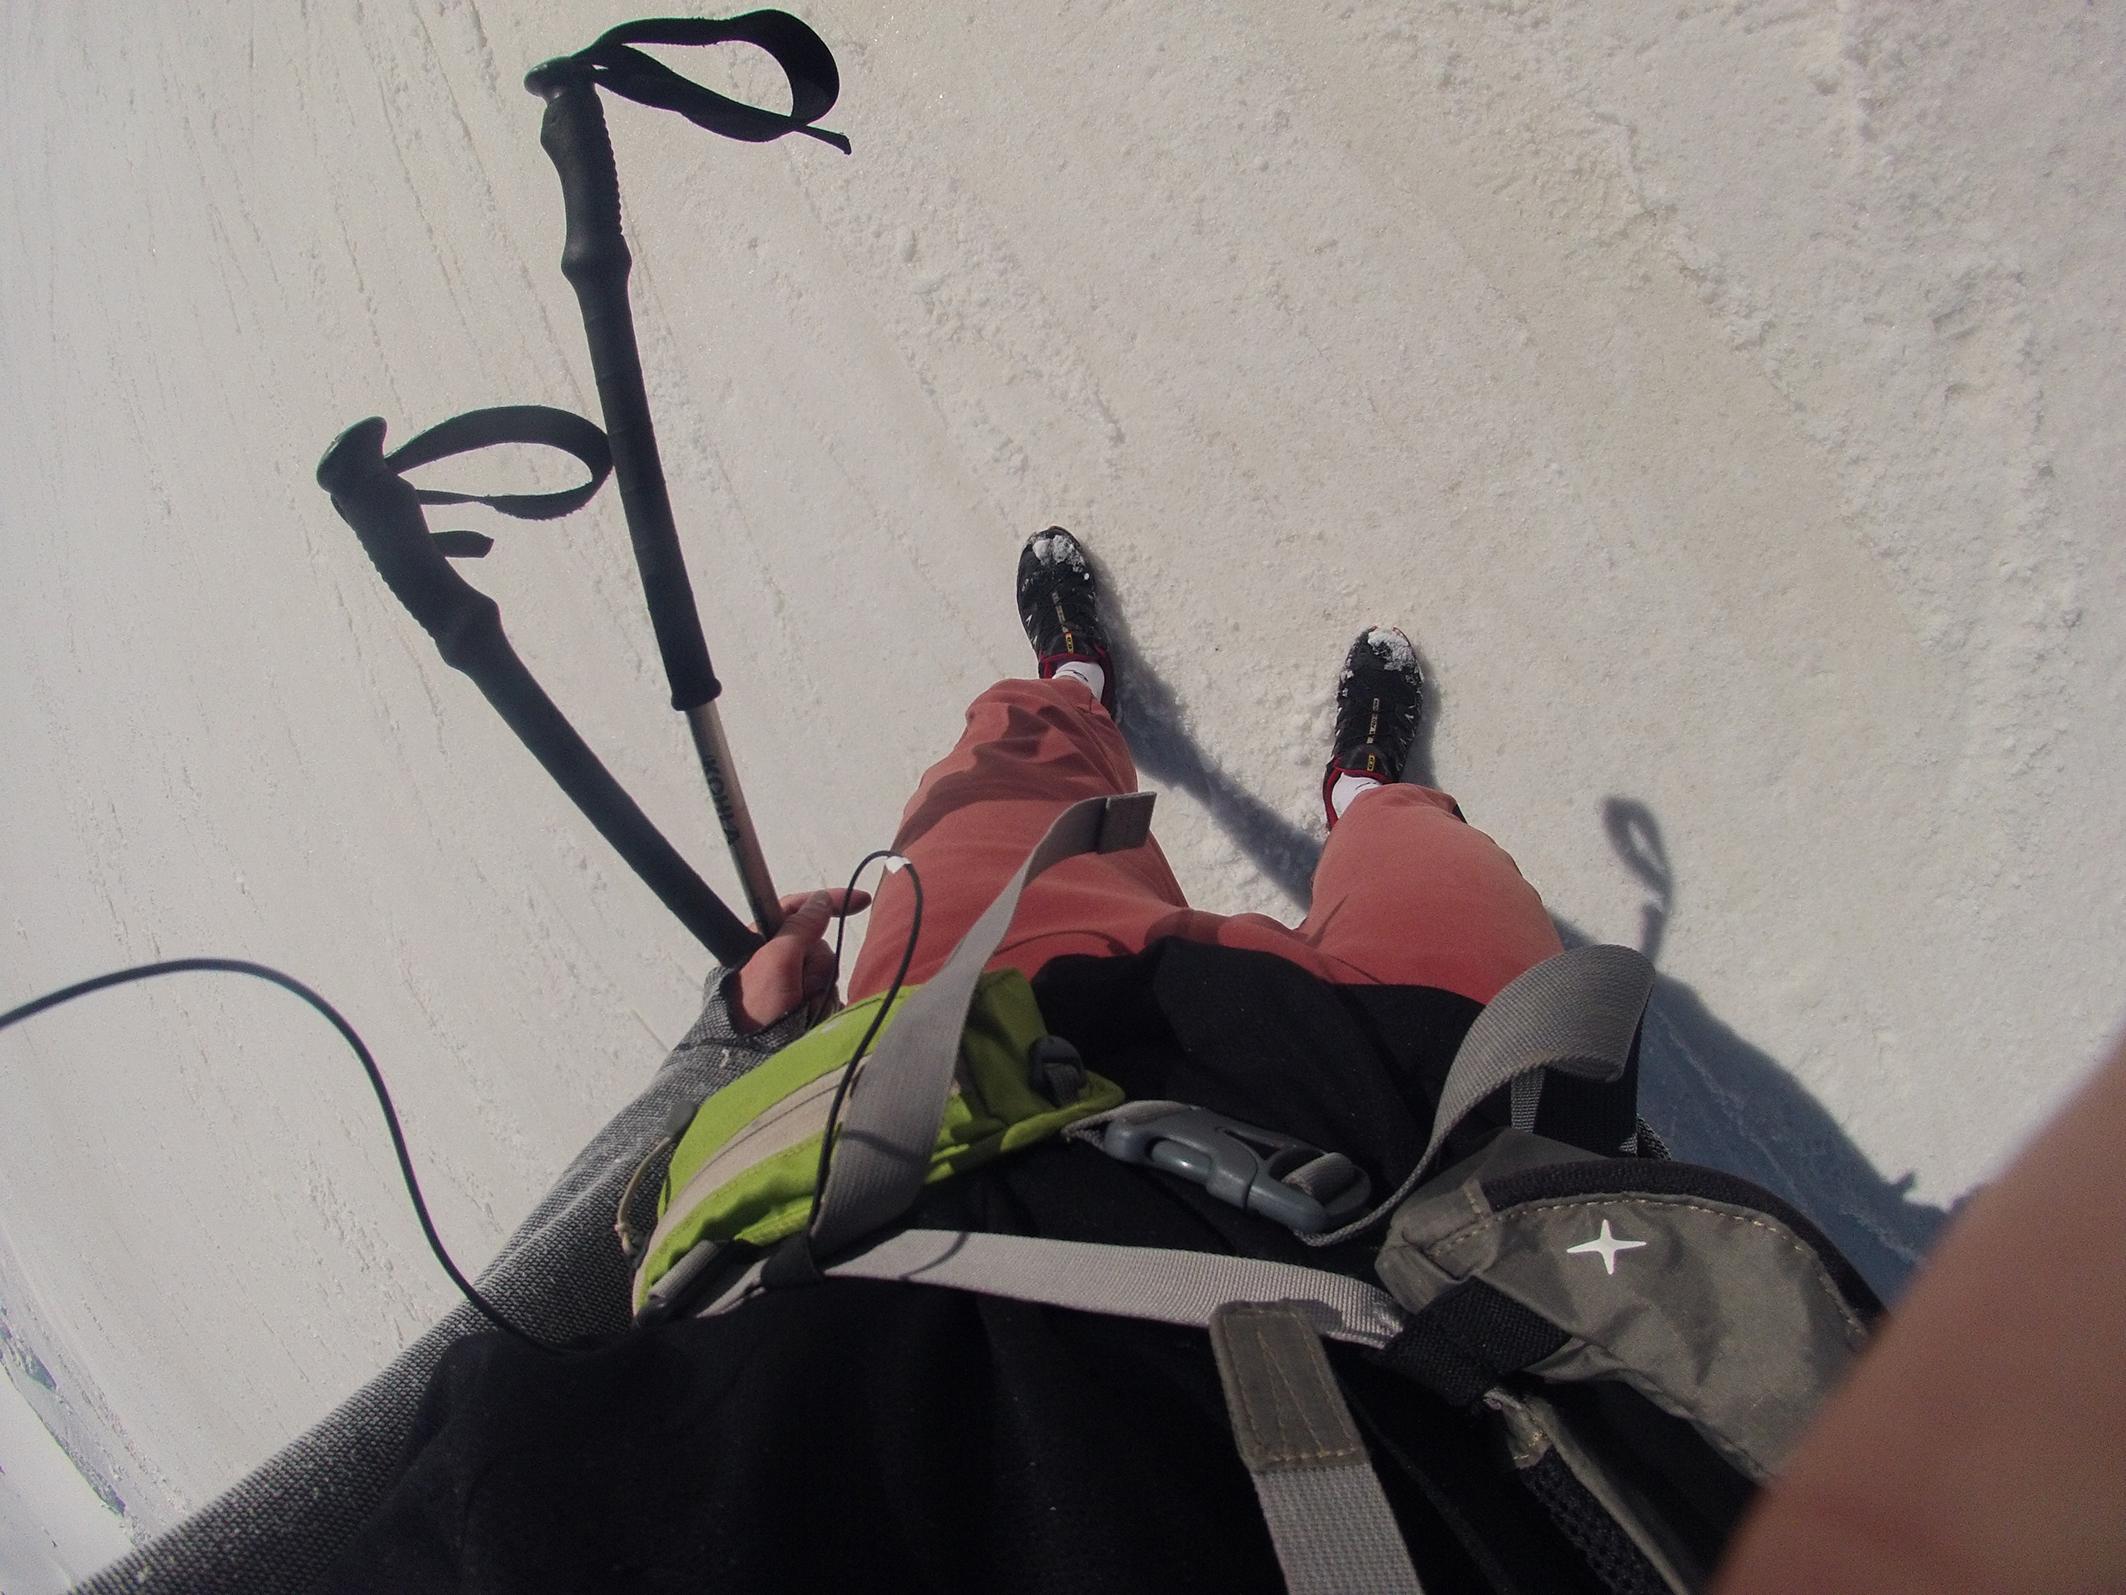 aktuálna výbava na tele: bežecká kapsička ferrino v kombinácií s ruksakom Camp X-3 600